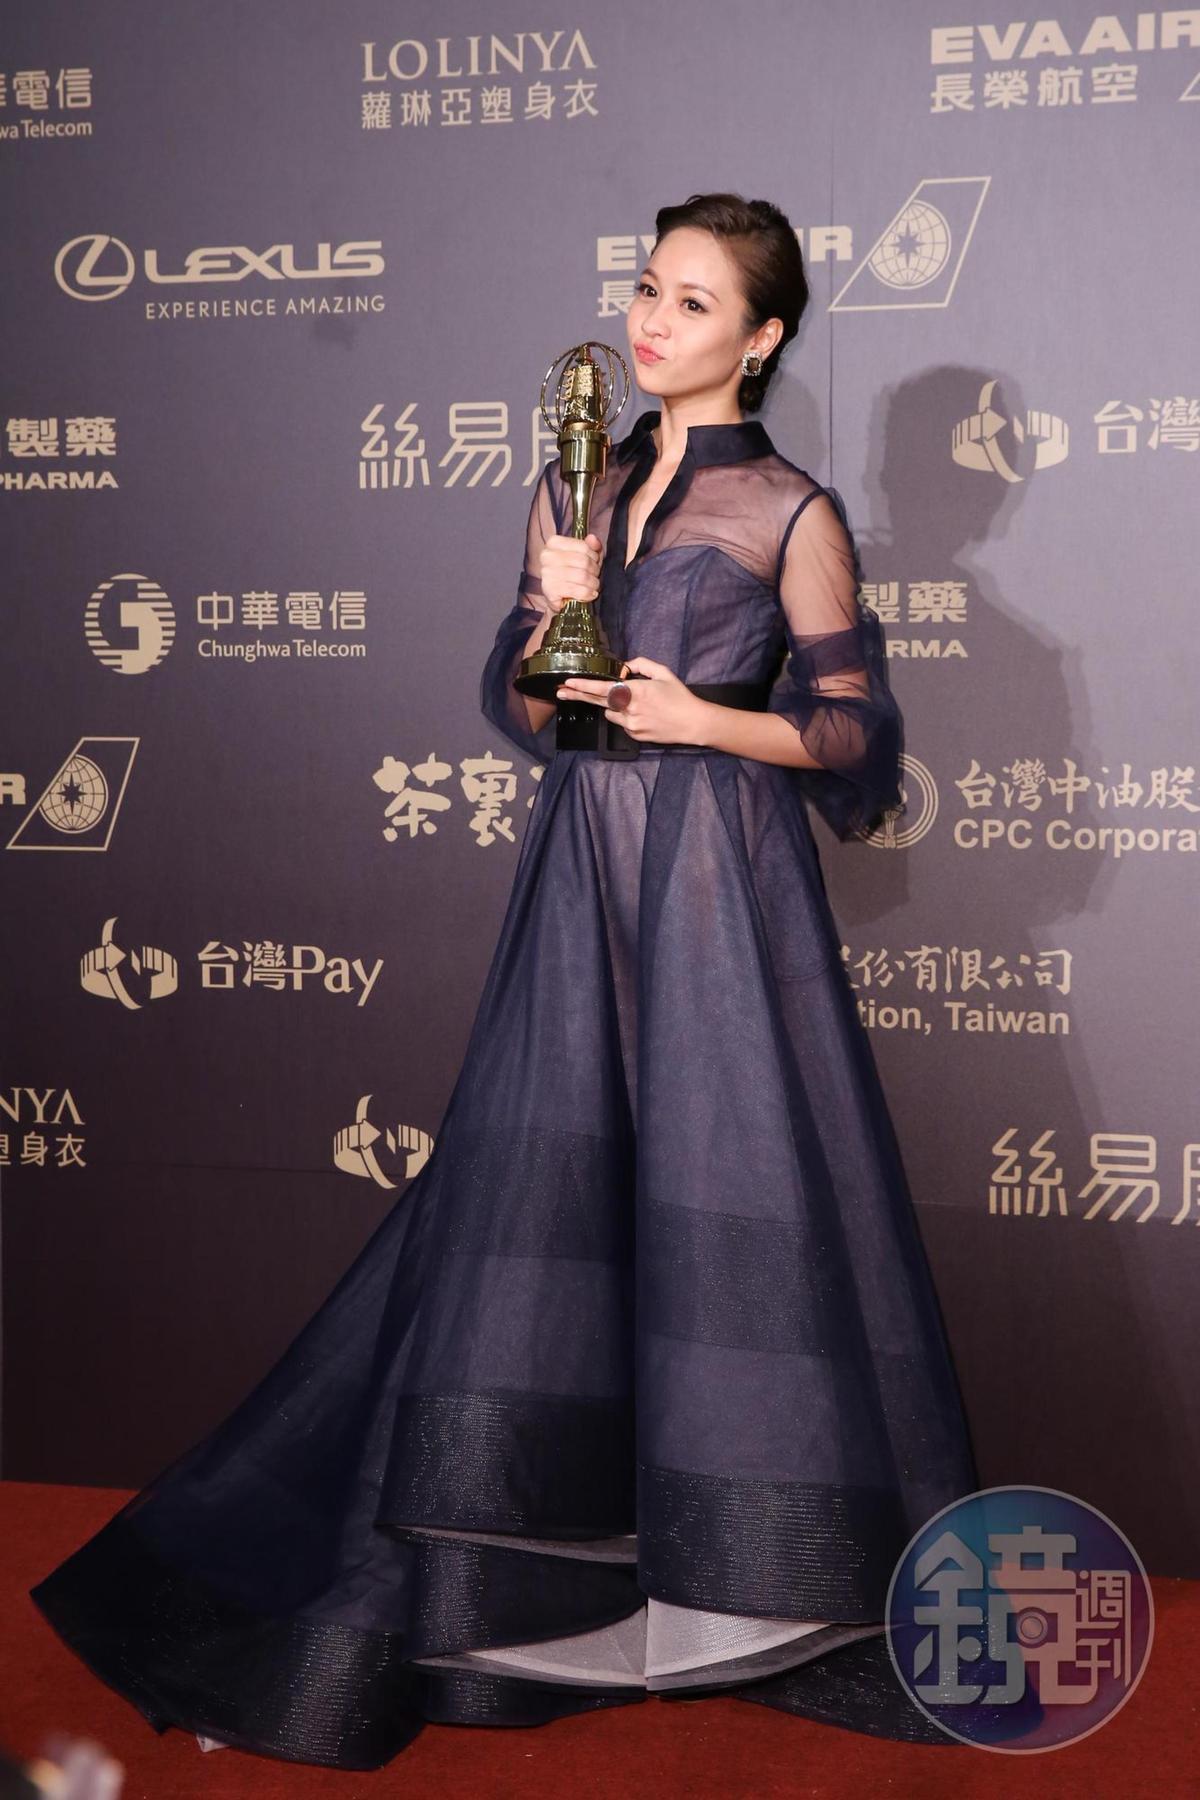 黃姵嘉在《台北歌手》中的演出被認為難度很高。